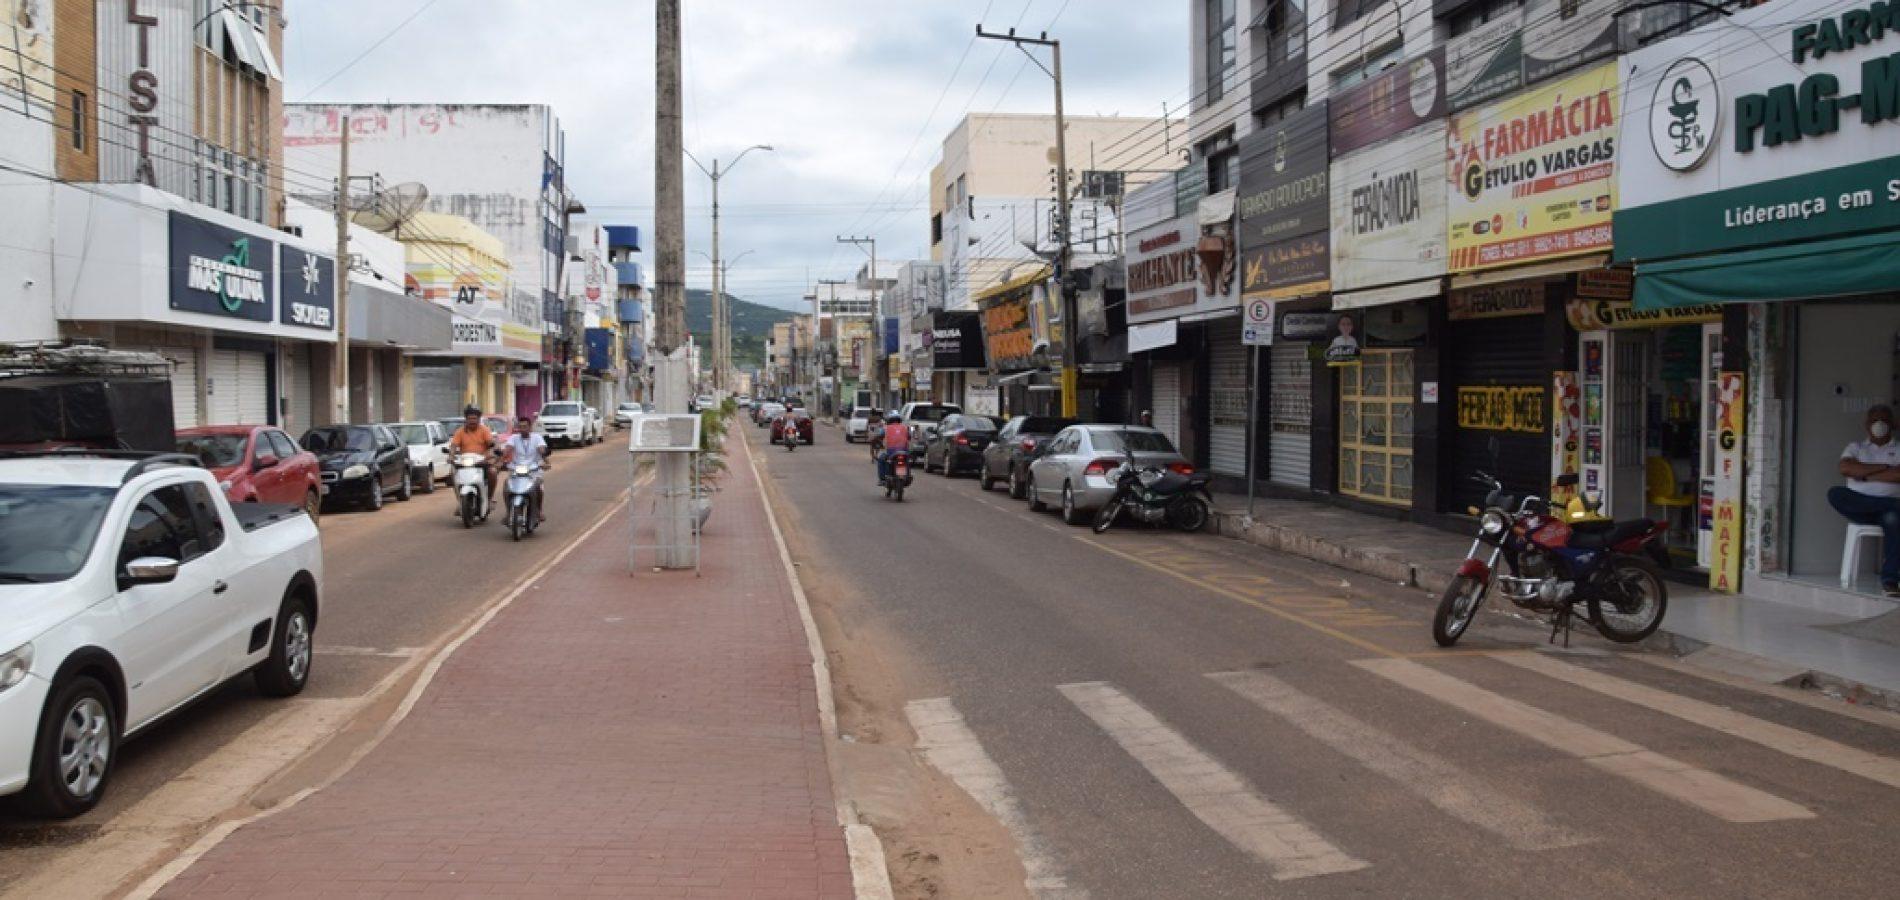 Comércio de Picos terá que ser fechado após determinação da Justiça / Crédito: Cidades na Net